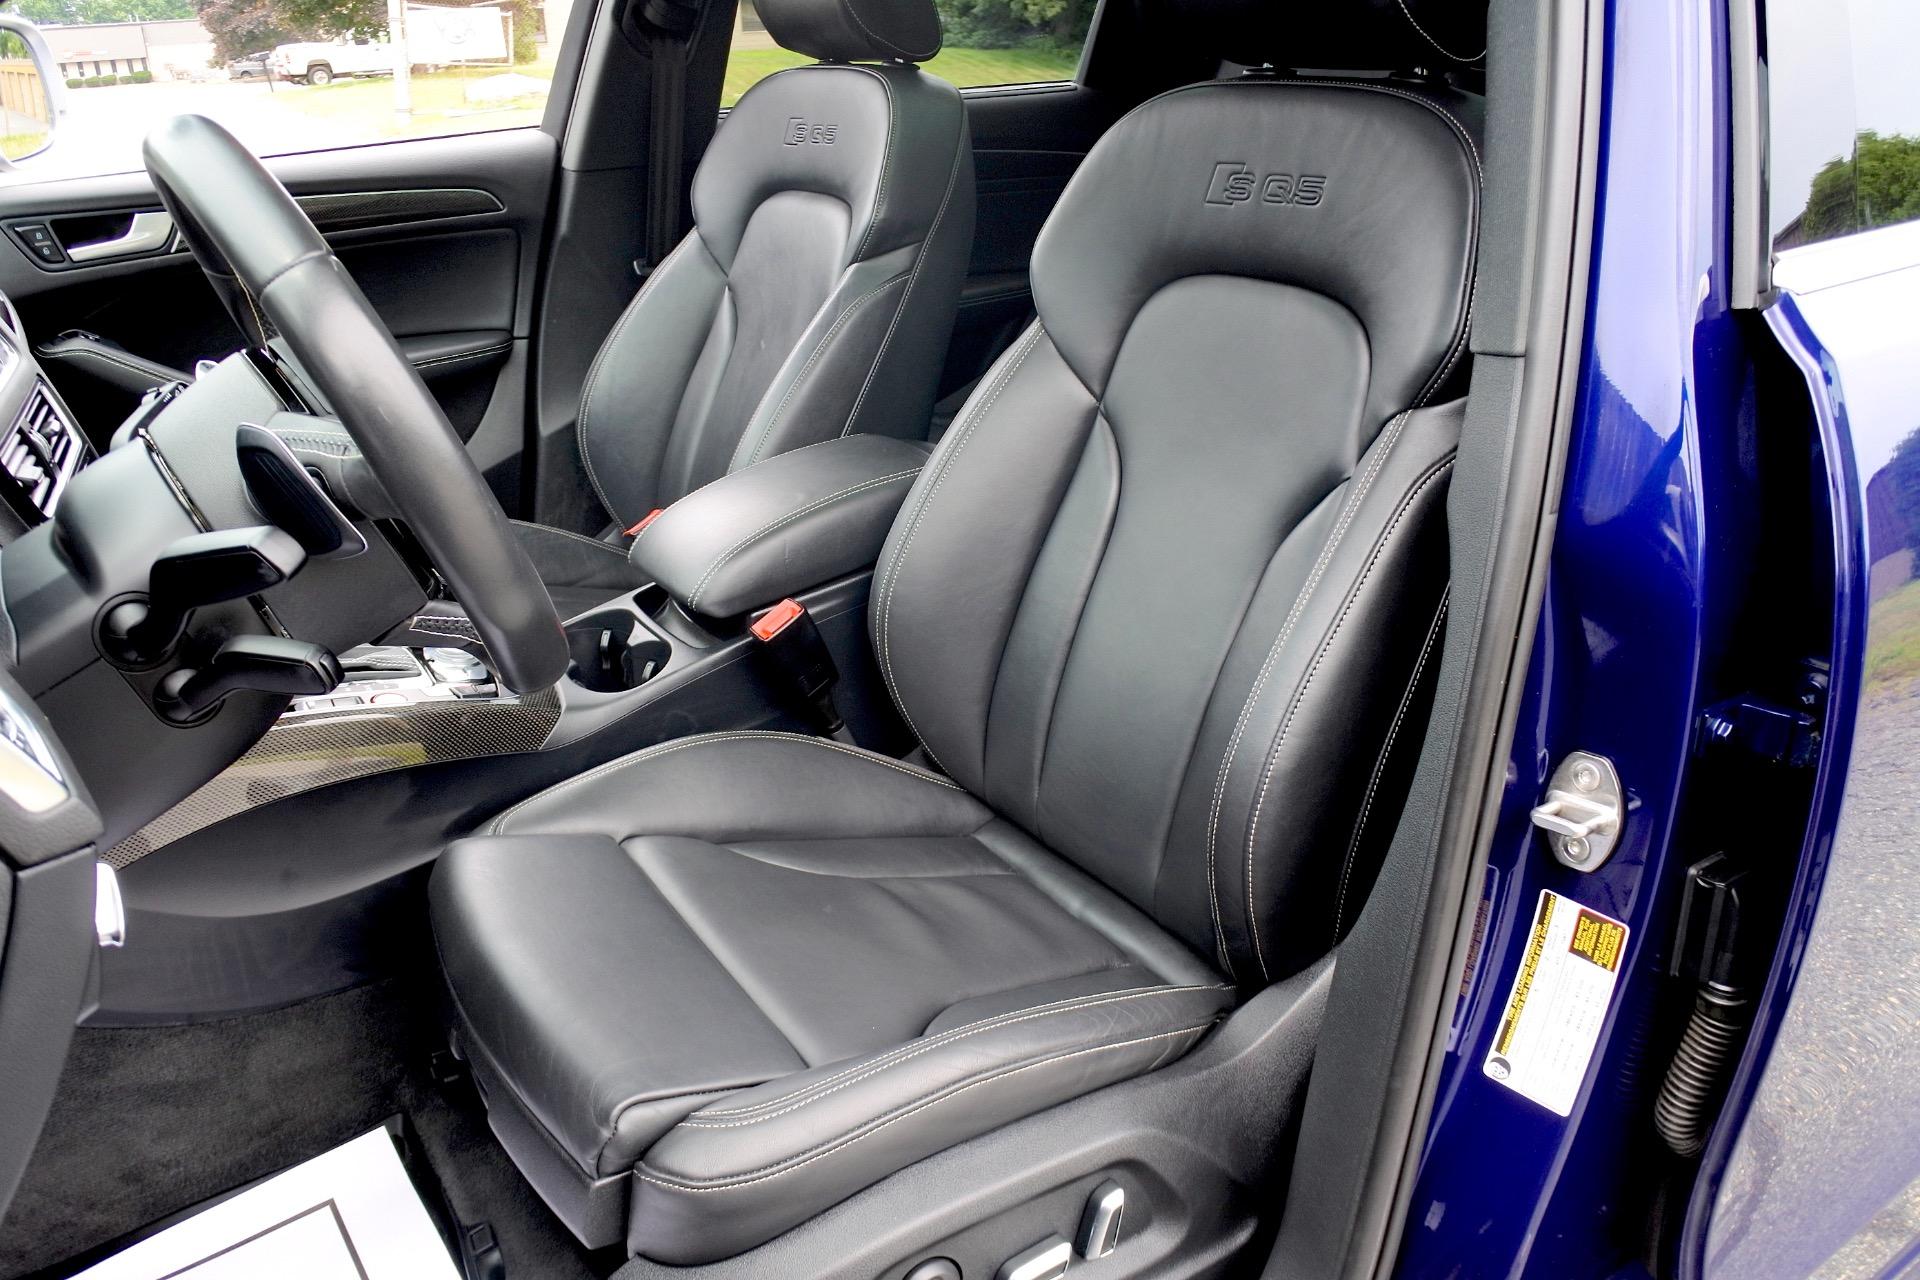 Used 2014 Audi Sq5 3.0 Quattro Used 2014 Audi Sq5 3.0 Quattro for sale  at Metro West Motorcars LLC in Shrewsbury MA 15